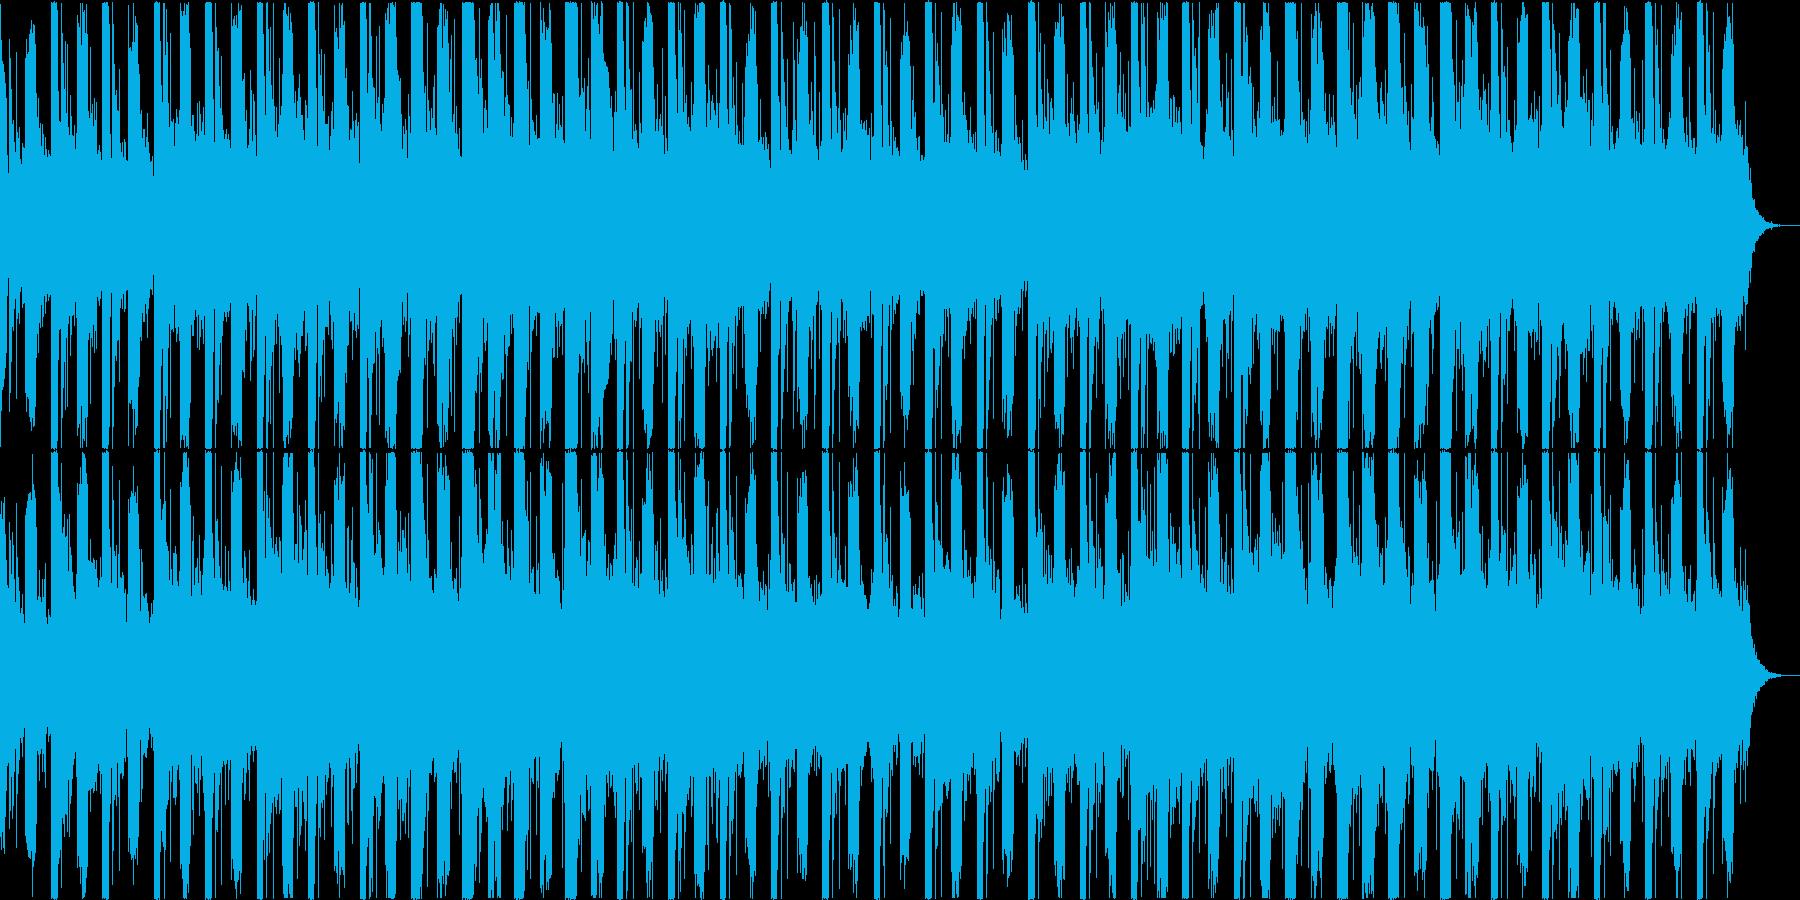 不思議な雰囲気のエレクトロ 映像向けの再生済みの波形